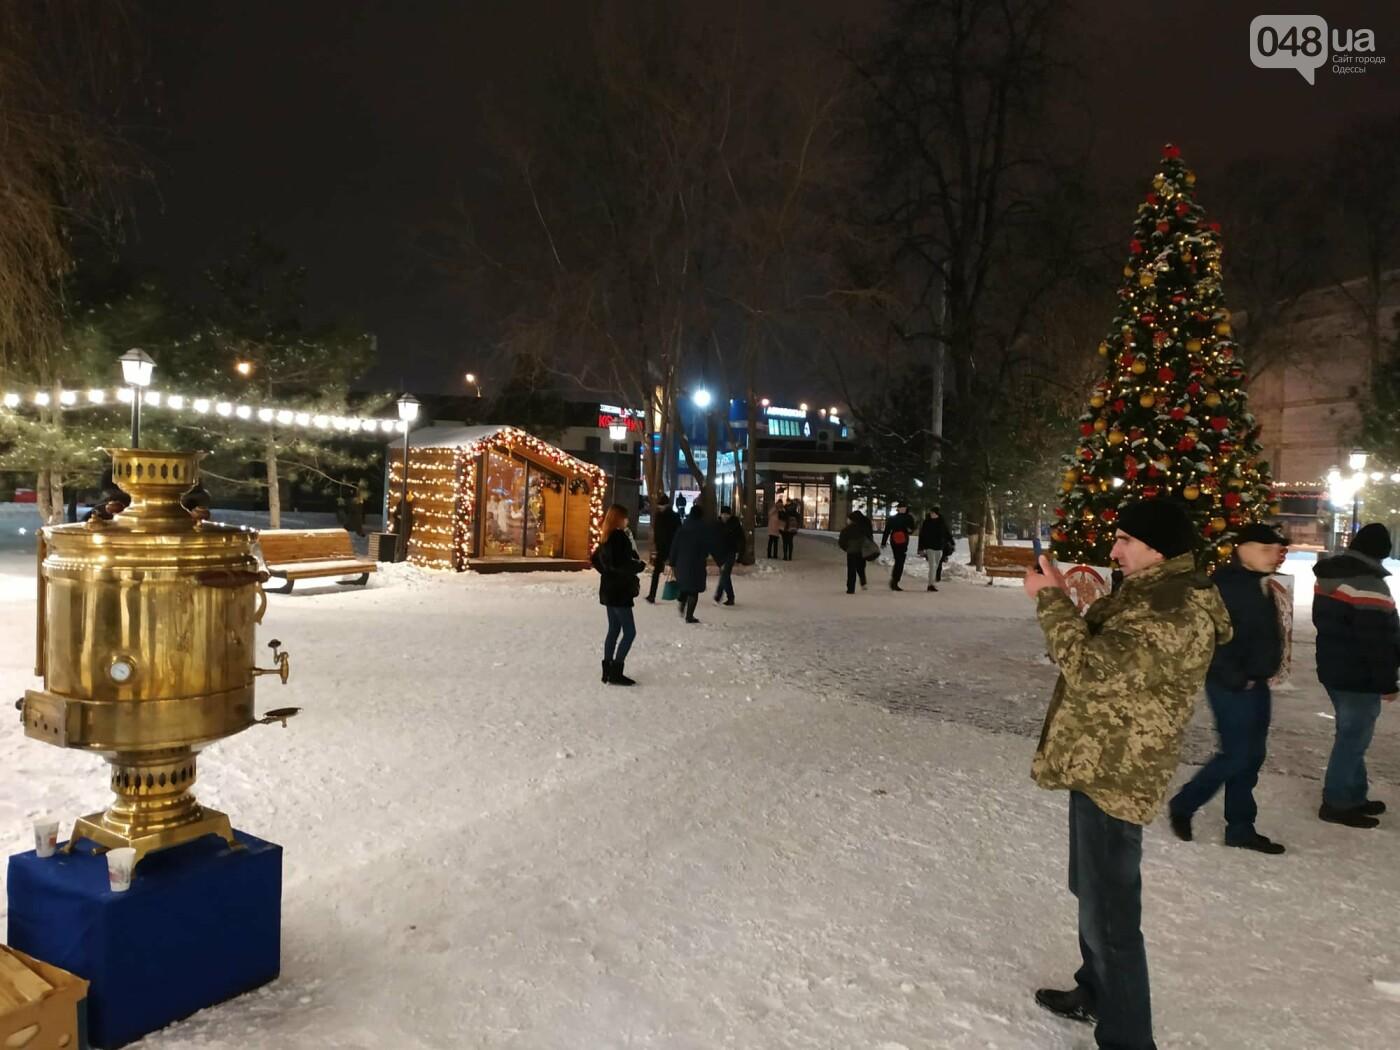 Вместо одесской резиденции Санта Клауса появился Вертеп и самовар на 100 литров, - ФОТО, фото-9